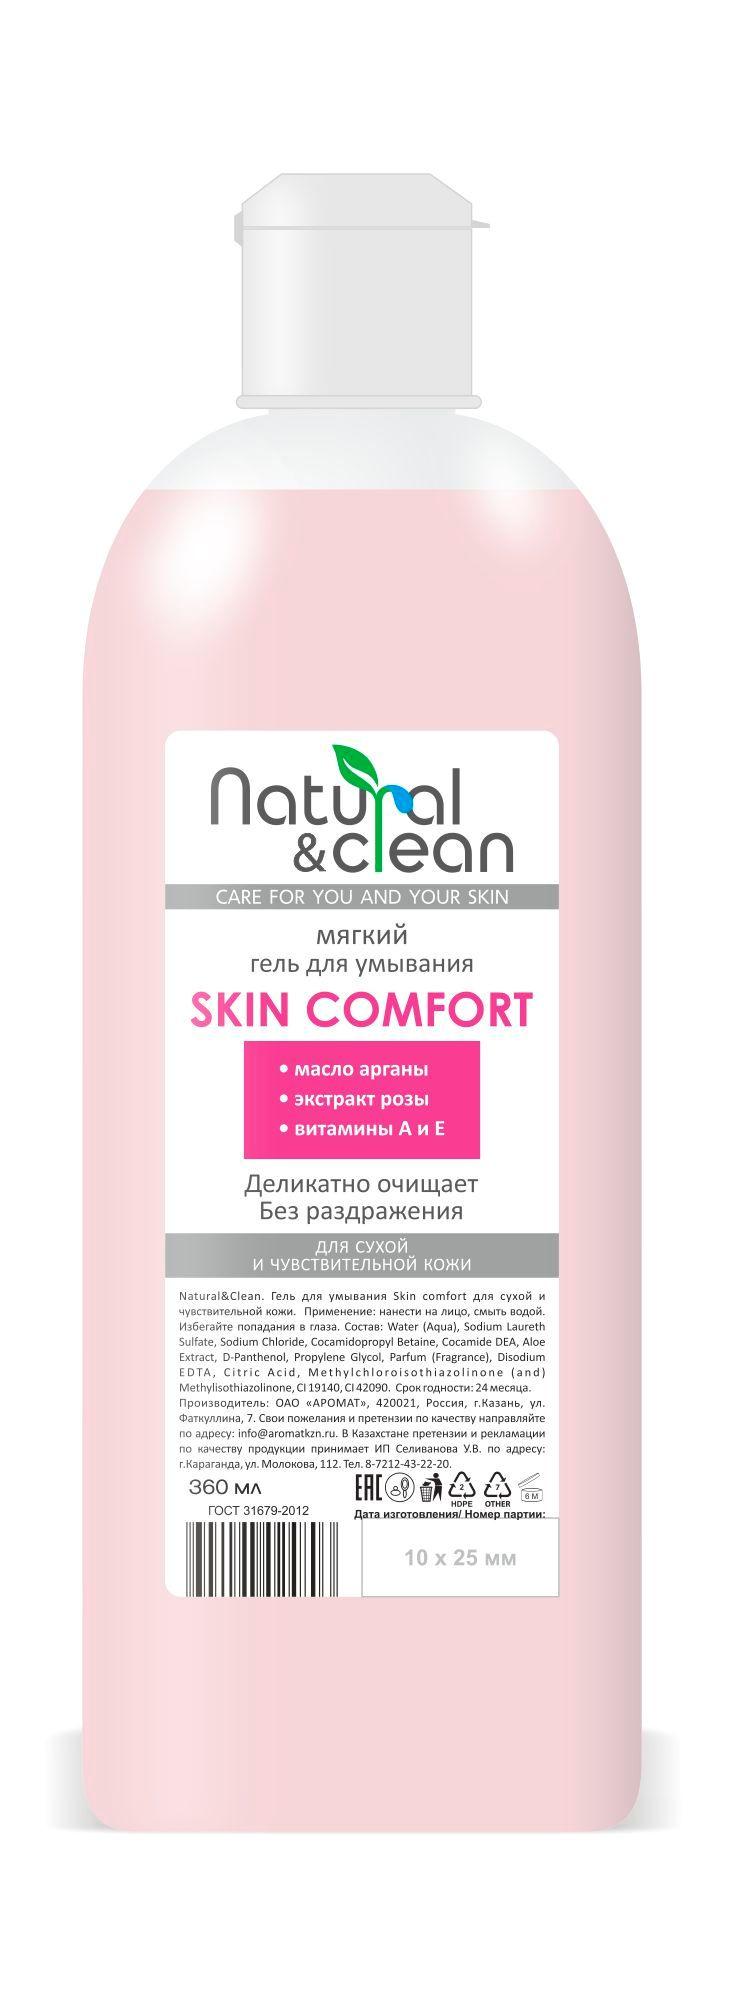 Гель для умывания NATURAL&CLEANМягкий Skin Comfort для сухой и чувствительной кожи, 360 мл NATURAL&CLEAN